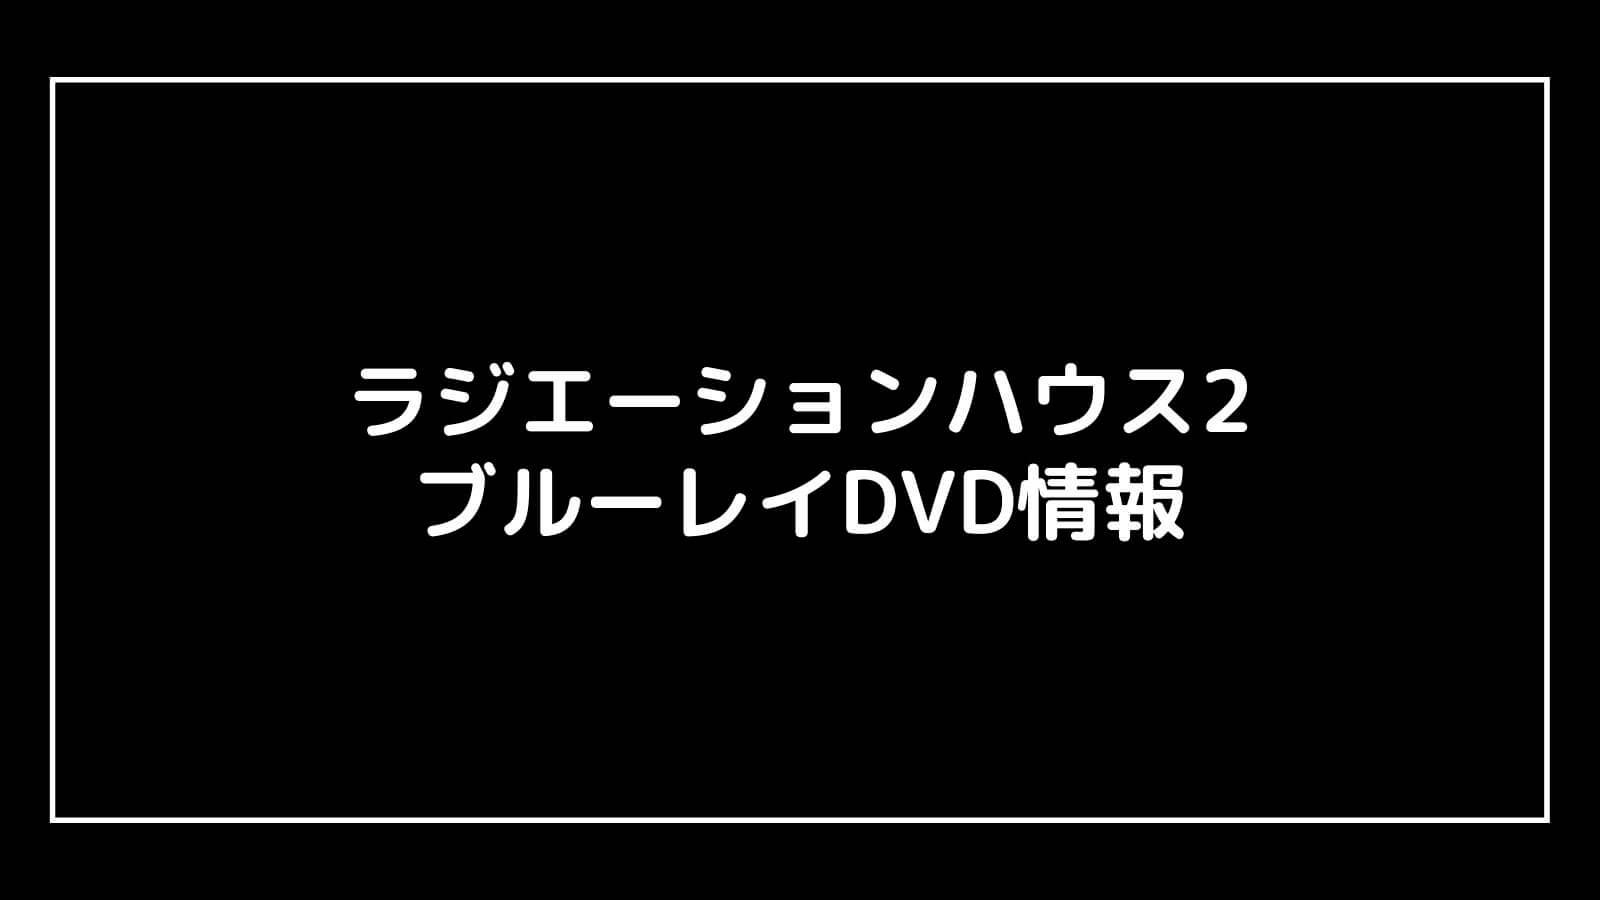 映画『ラジエーションハウス2』のDVD発売日と予約開始日はいつから?円盤情報まとめ